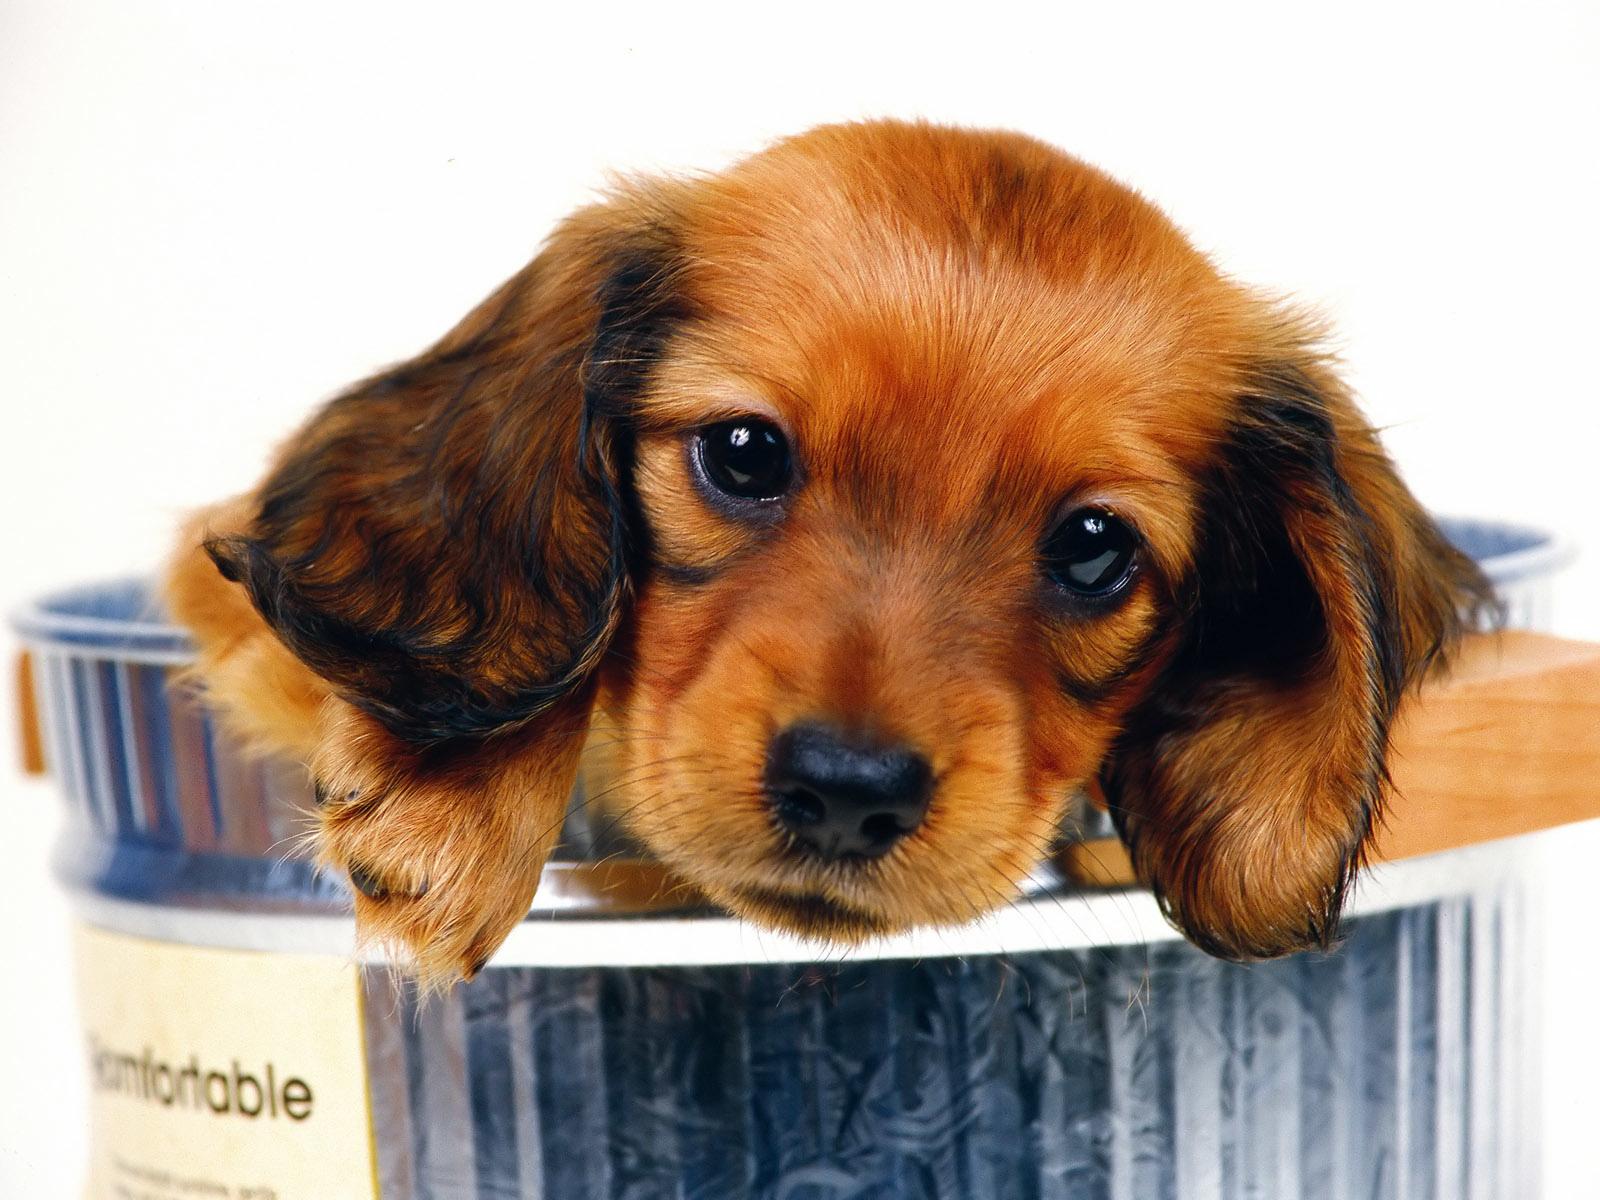 Fondos de pantalla de perros wallpapers hd for Fond ecran chiot